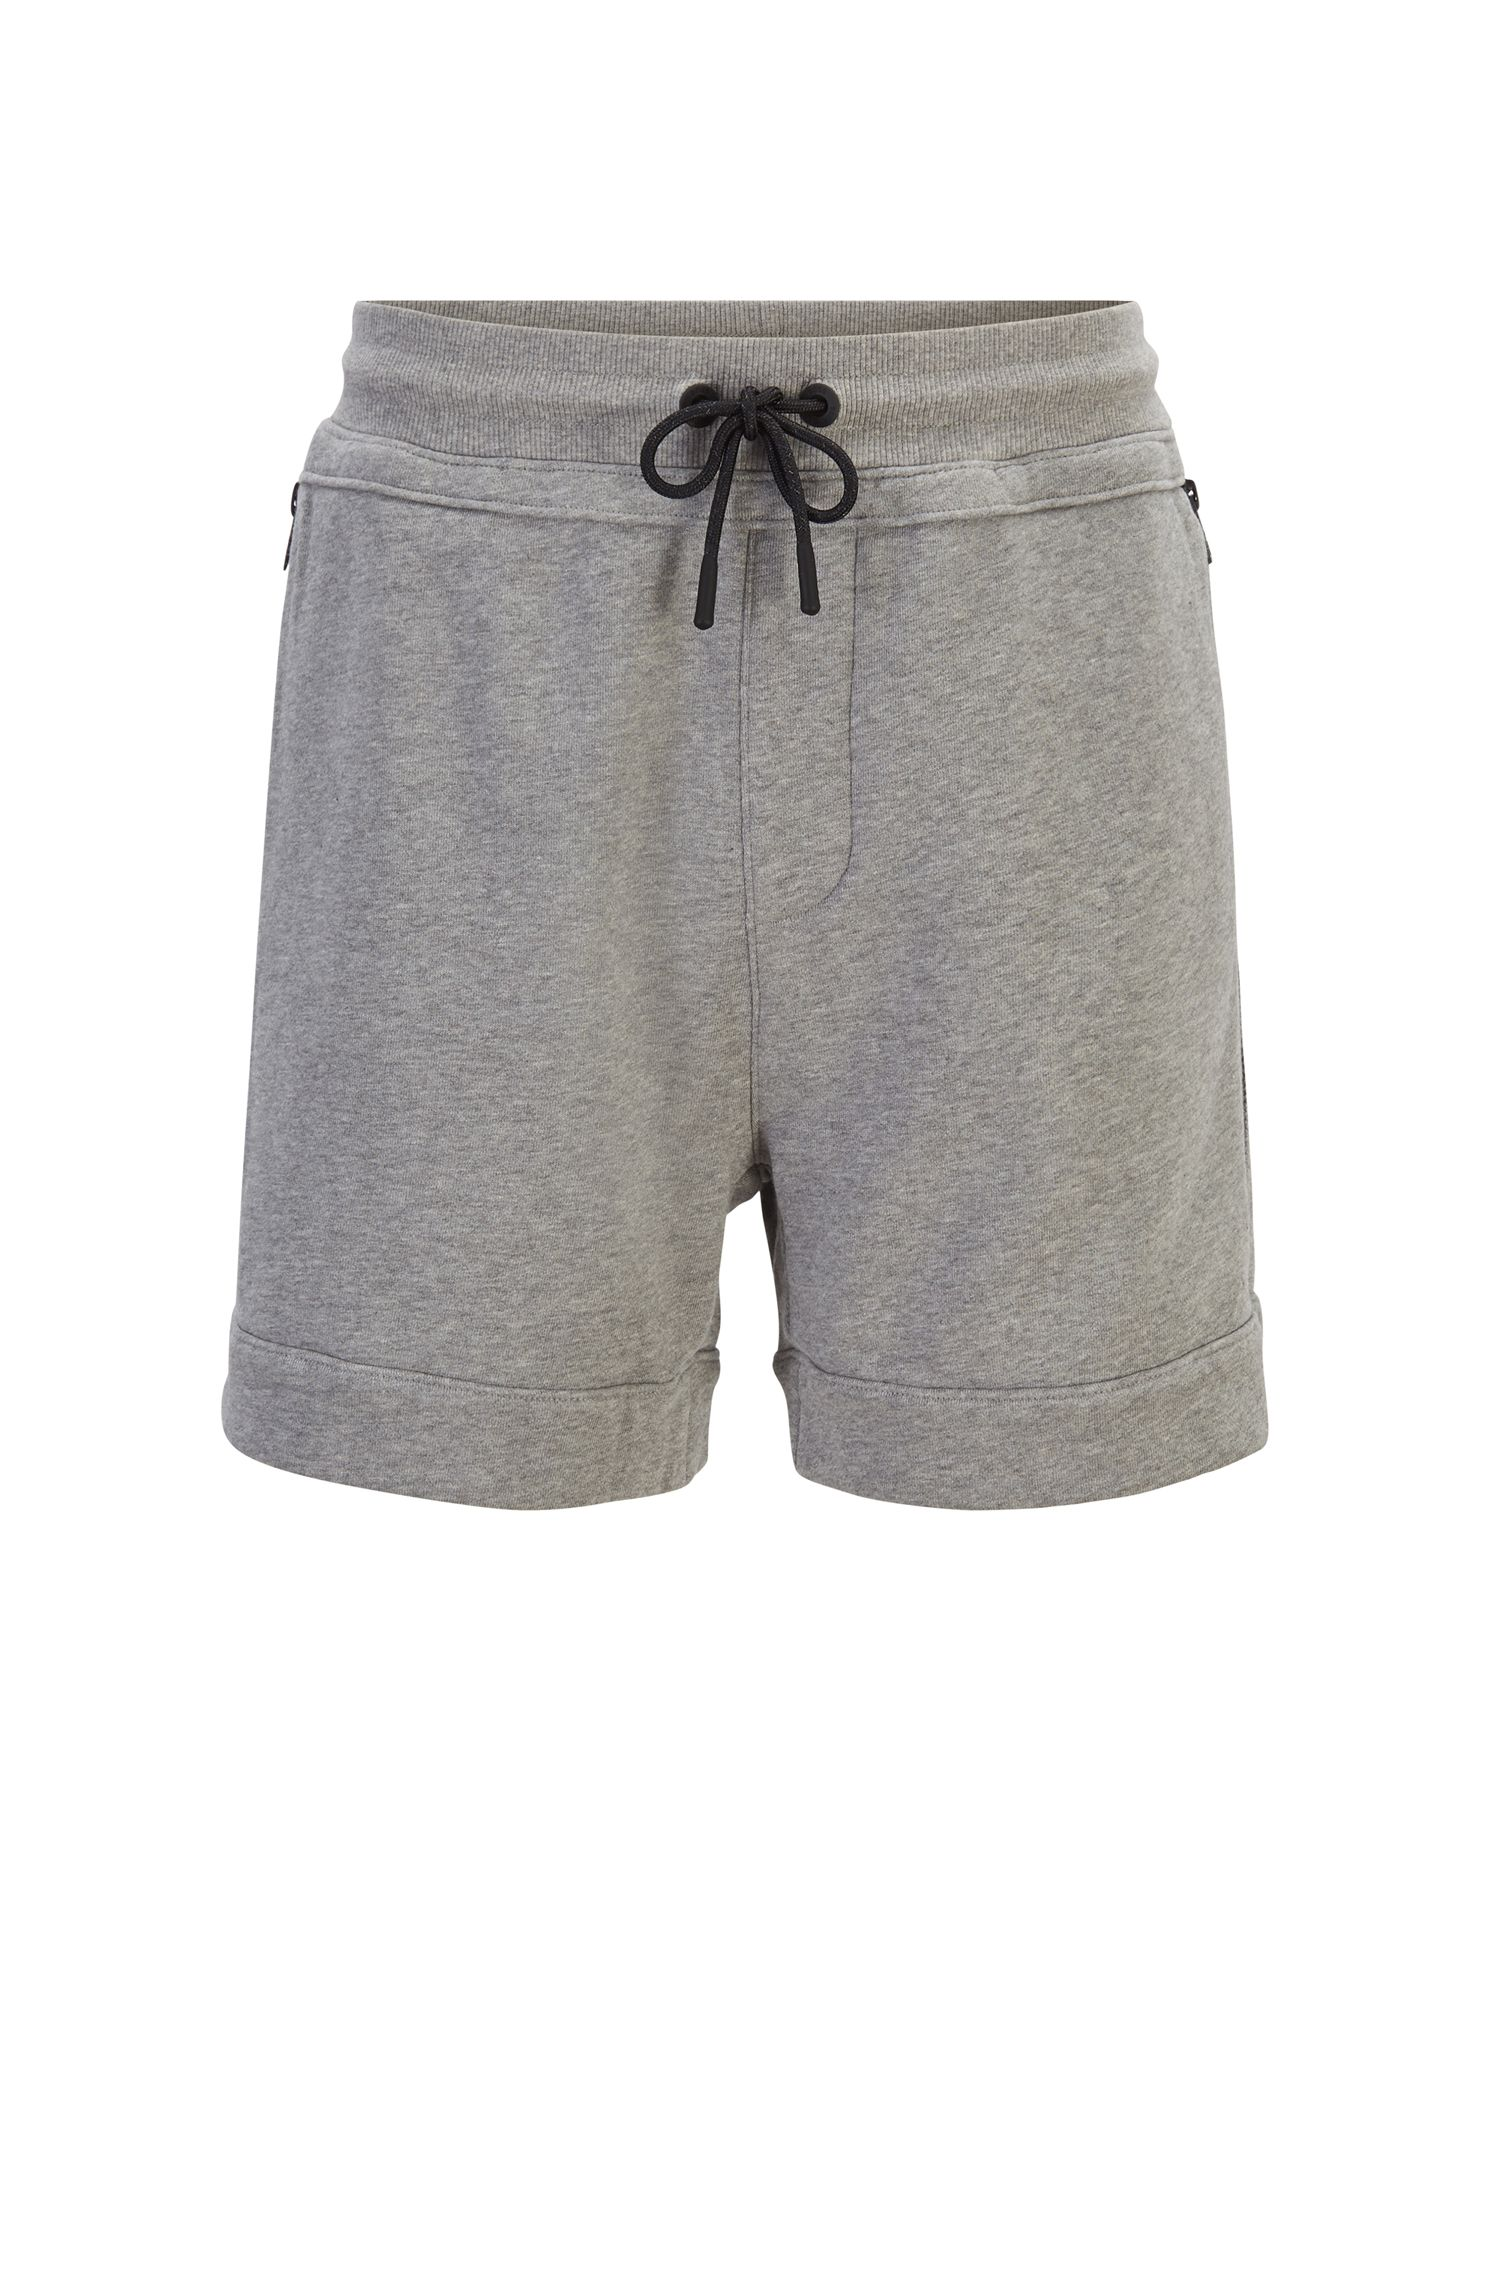 Short Relaxed Fit en molleton avec poches zippées, Gris chiné